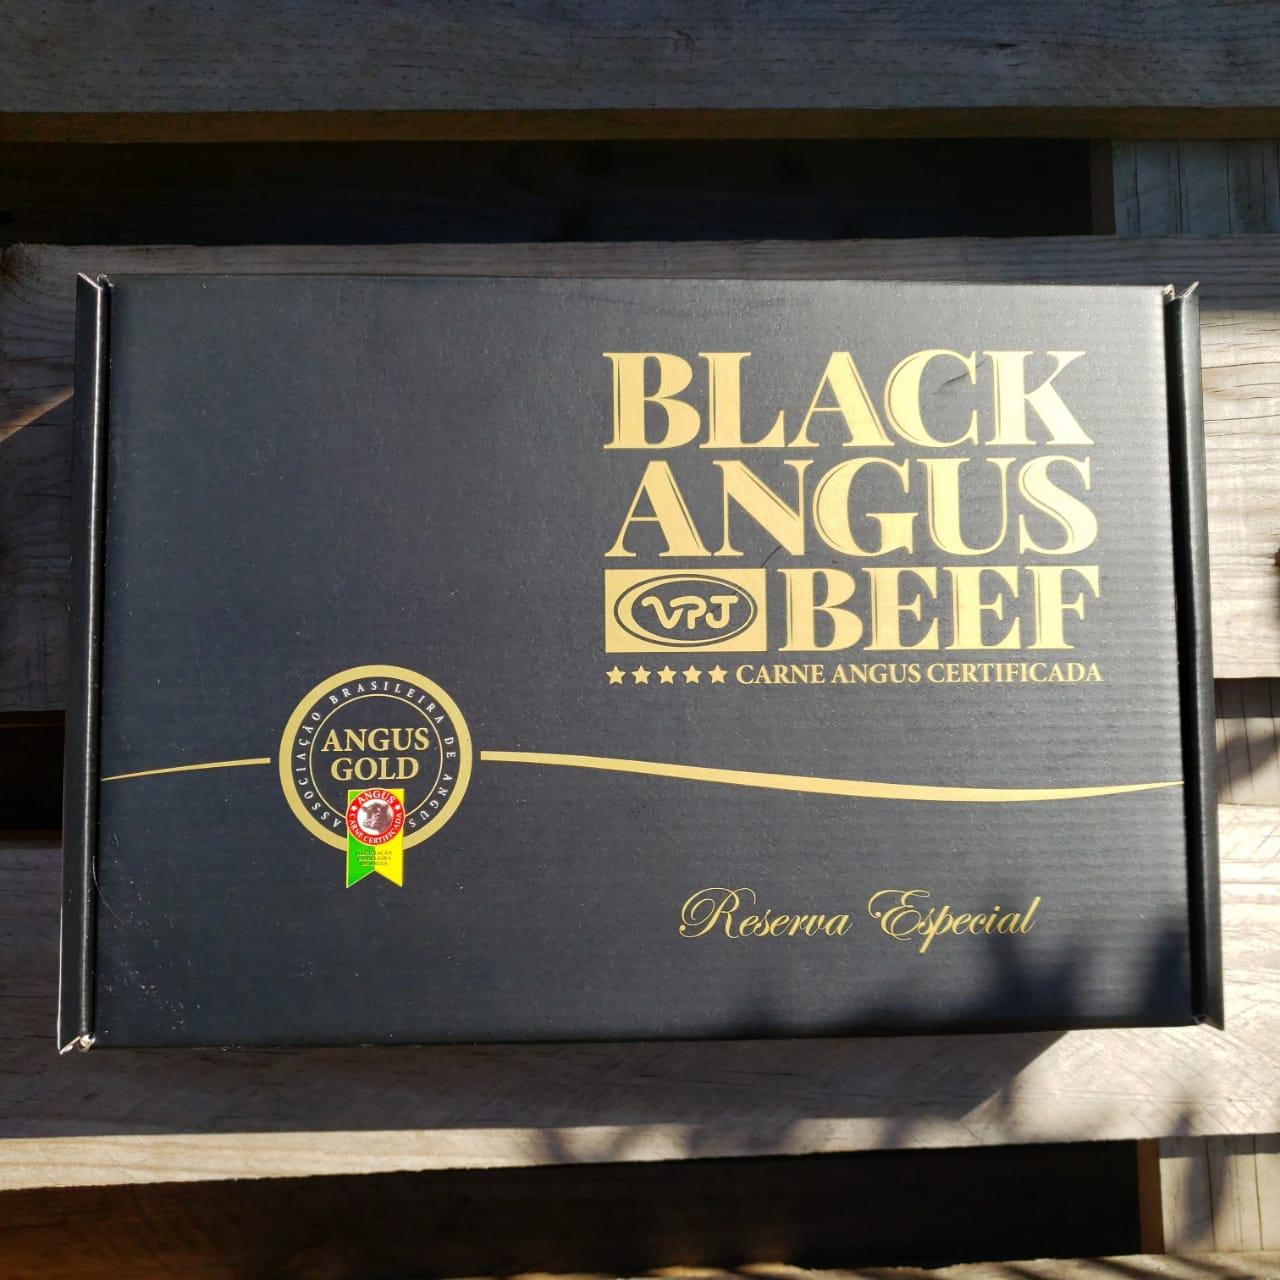 STRIP LOIN BLACK ANGUS - VPJ - (Bife Chorizo) - 400g  - Partiu Churras